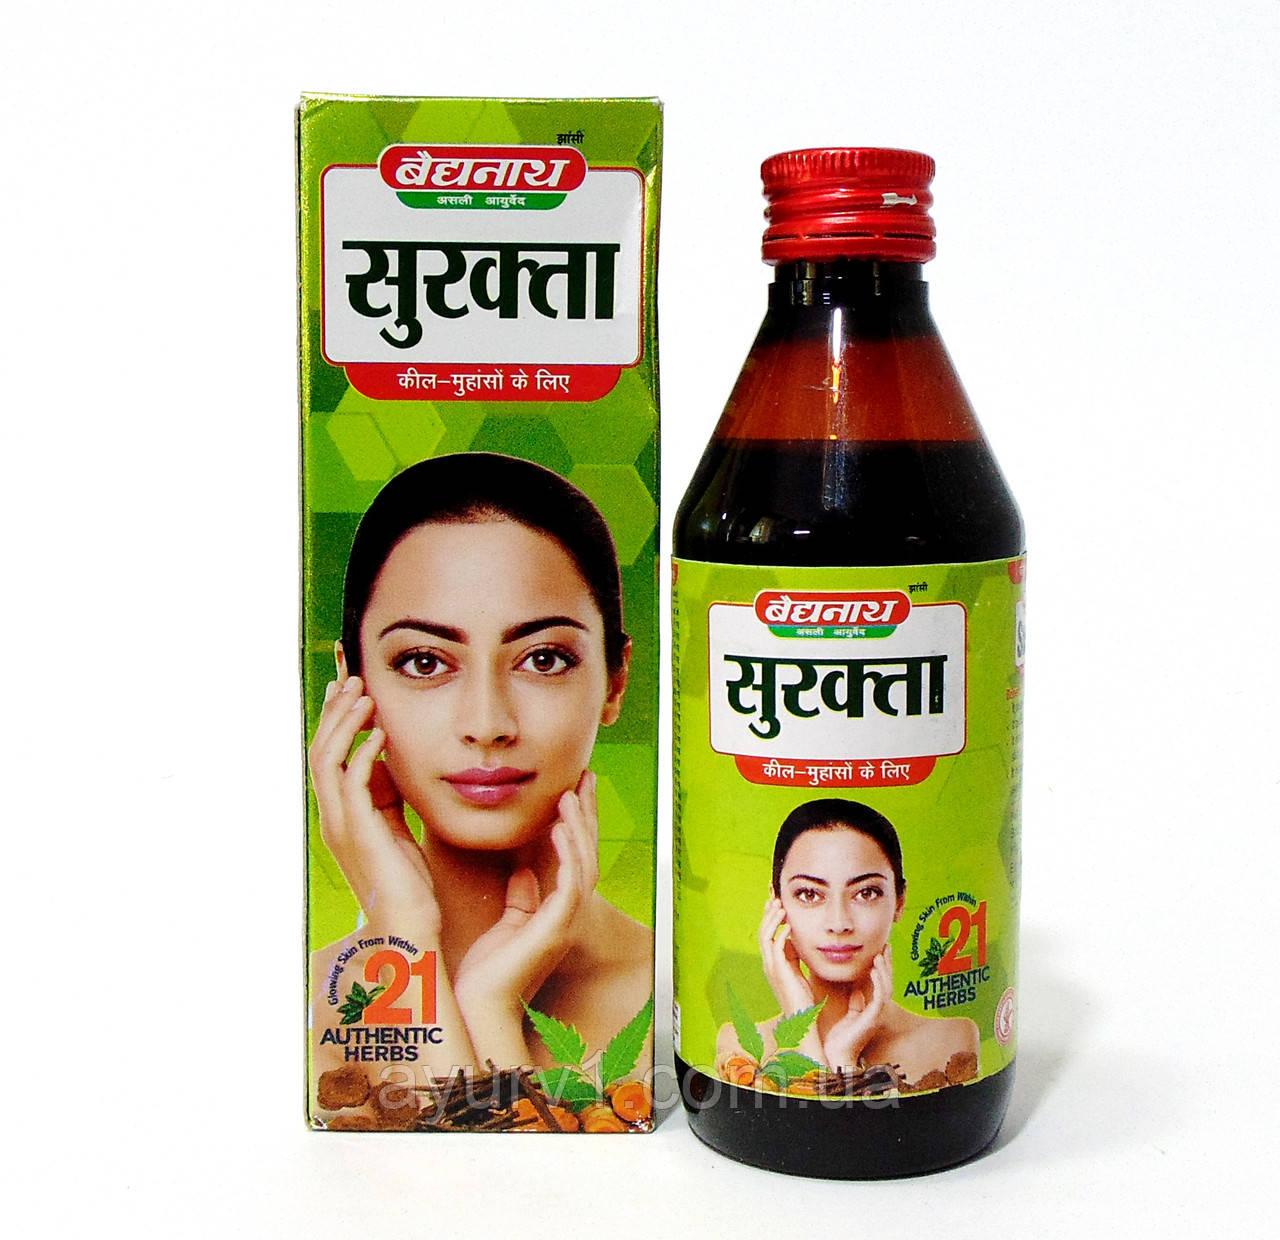 Угревая сыпь, фурункулез, экзема, псориаз, омоложение кожи / Суракта / Surakta / 200ml.